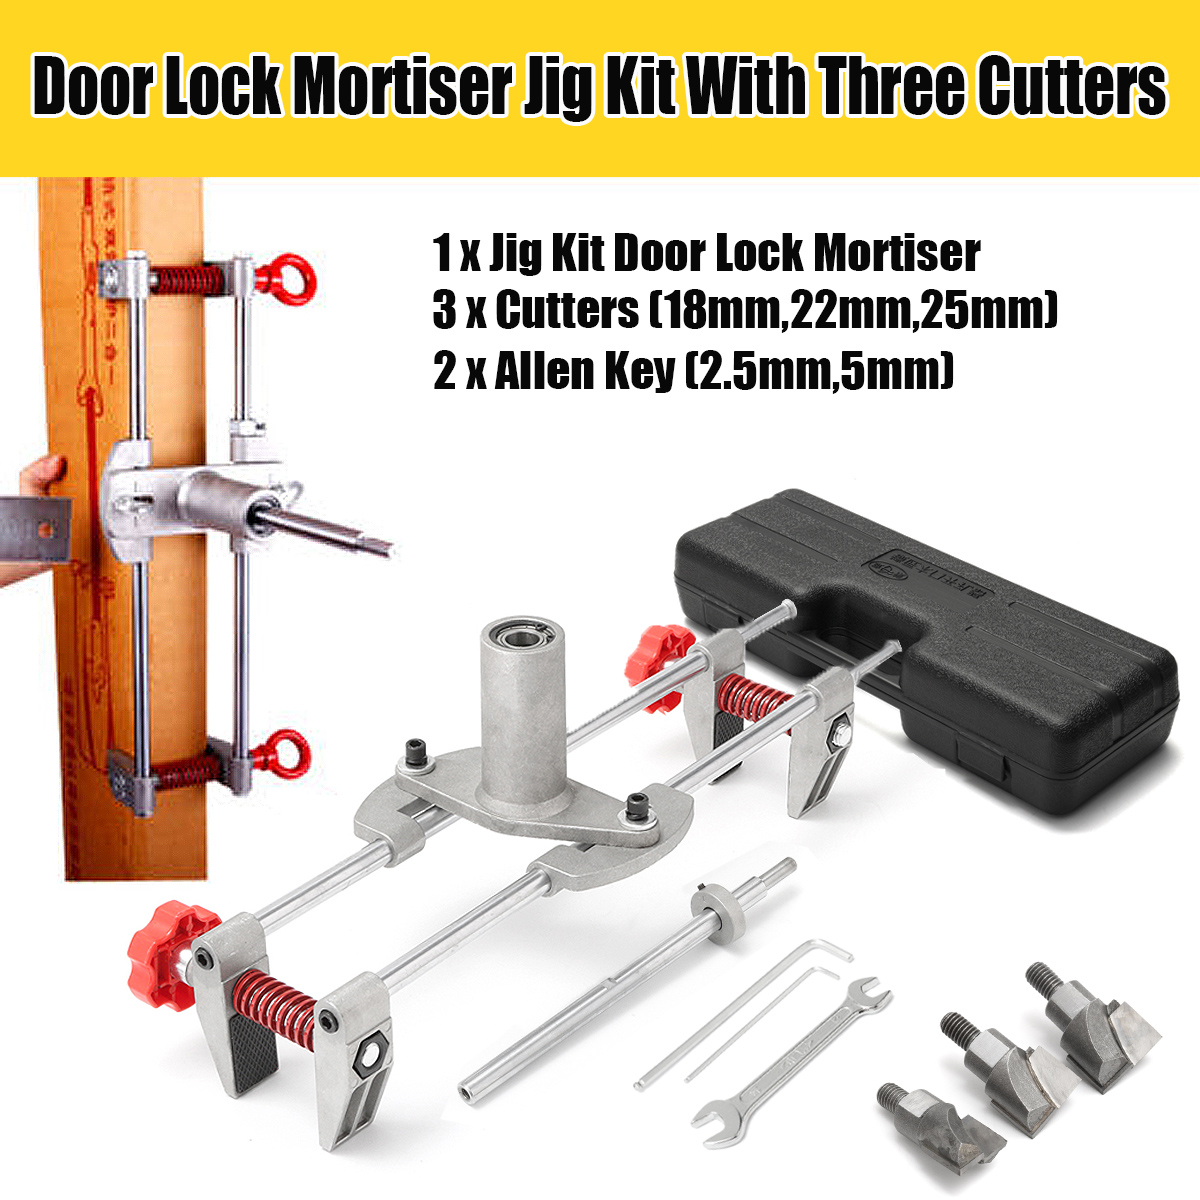 Новые 8 шт. Mortice дверные СТОРОНА джиг замок Mortiser DBB ключ JIG1 с 3 фрезы случае новый инструмент набор обслуживание